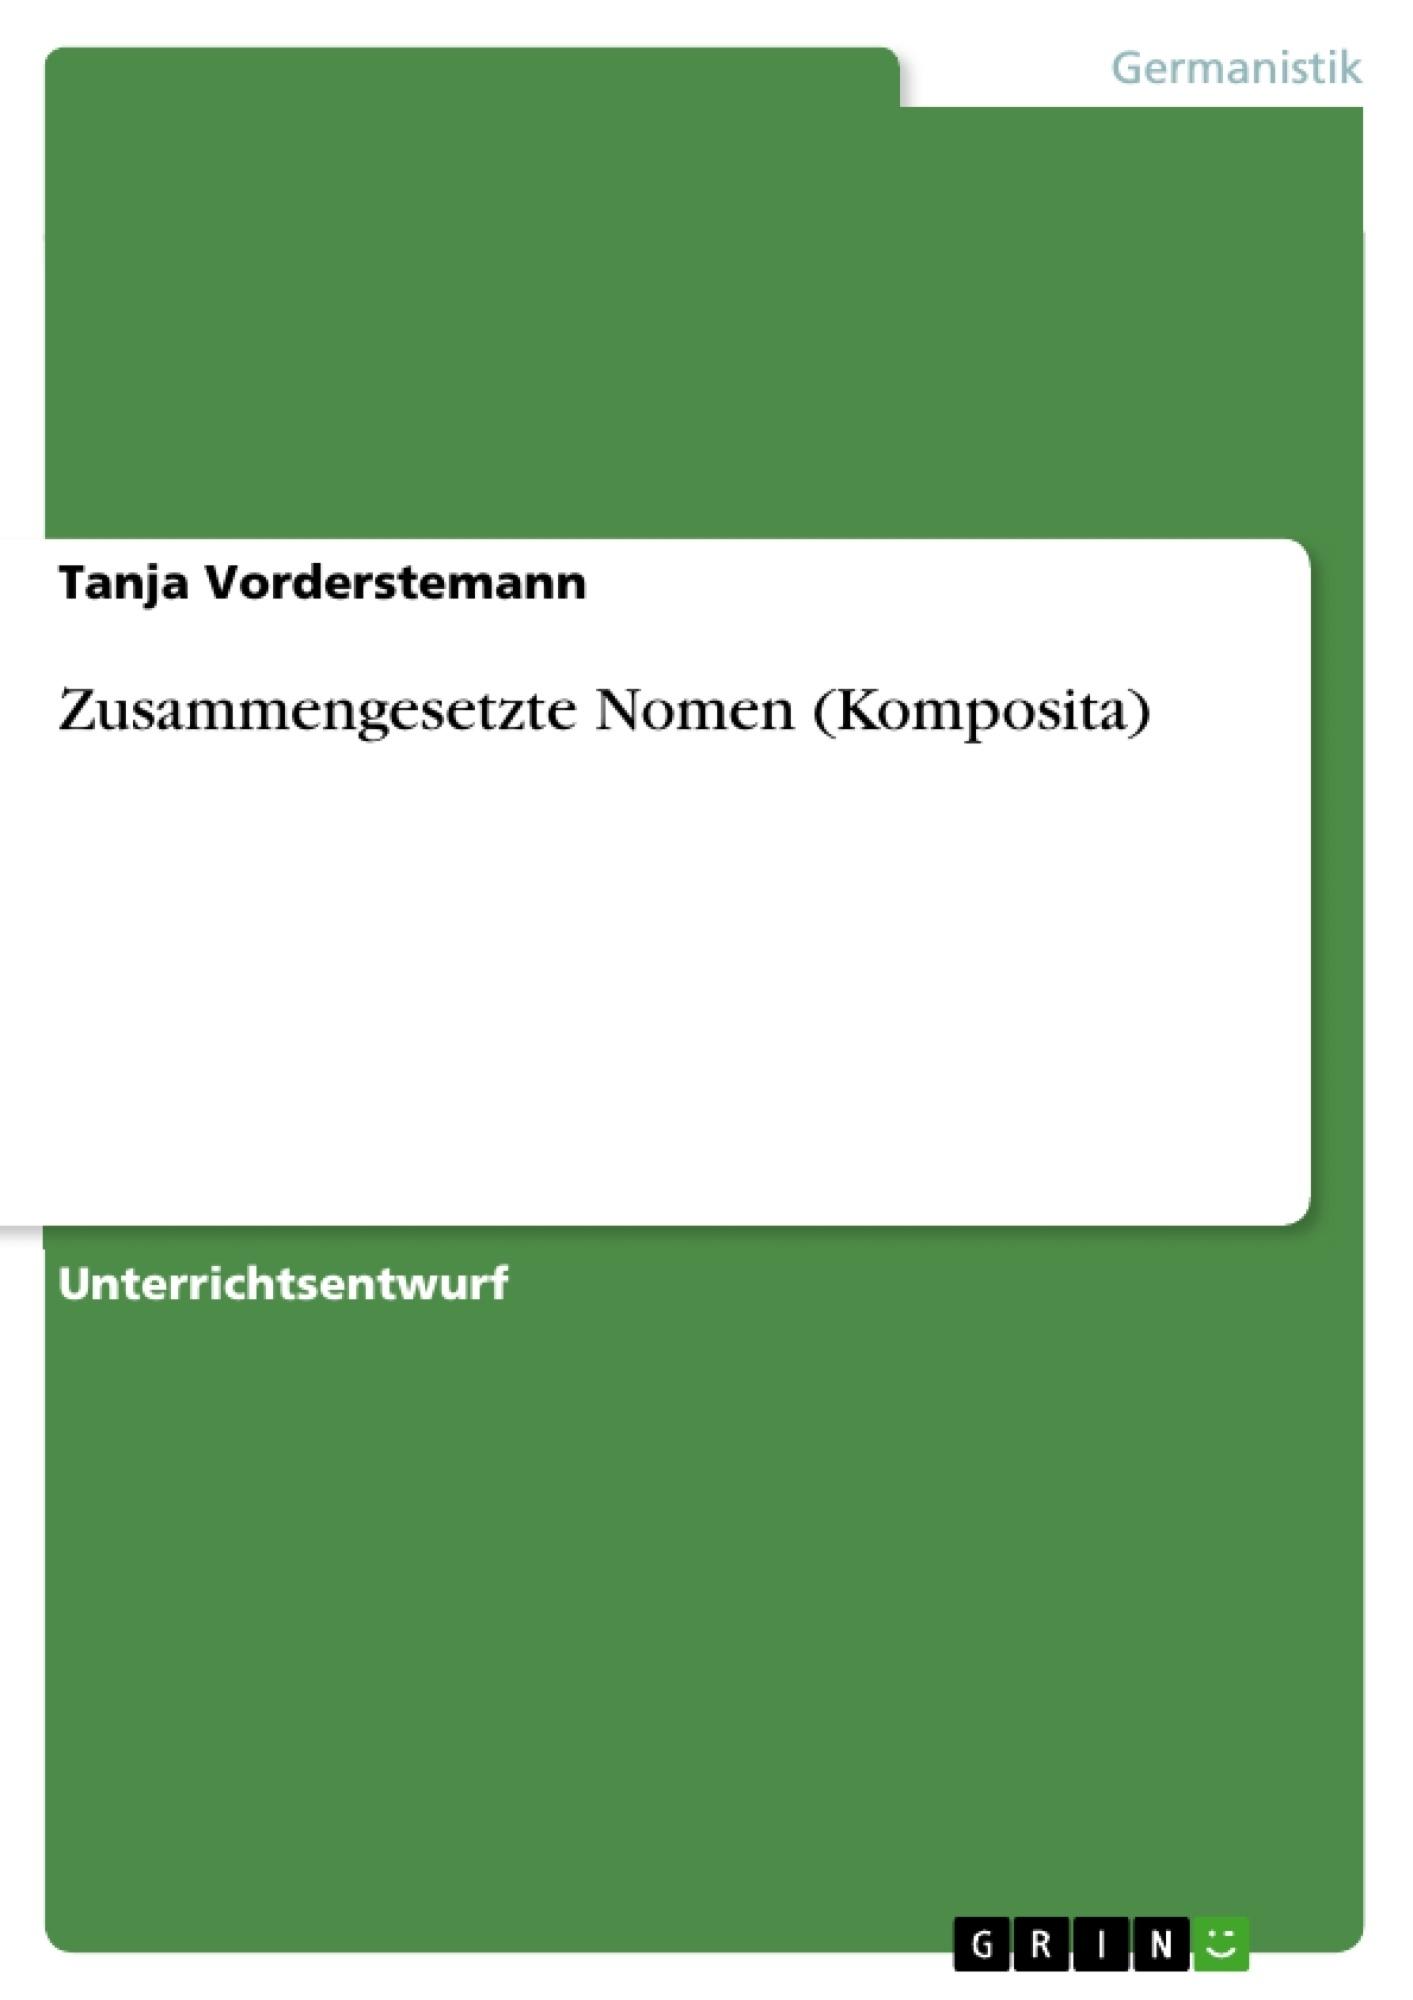 Titel: Zusammengesetzte Nomen (Komposita)